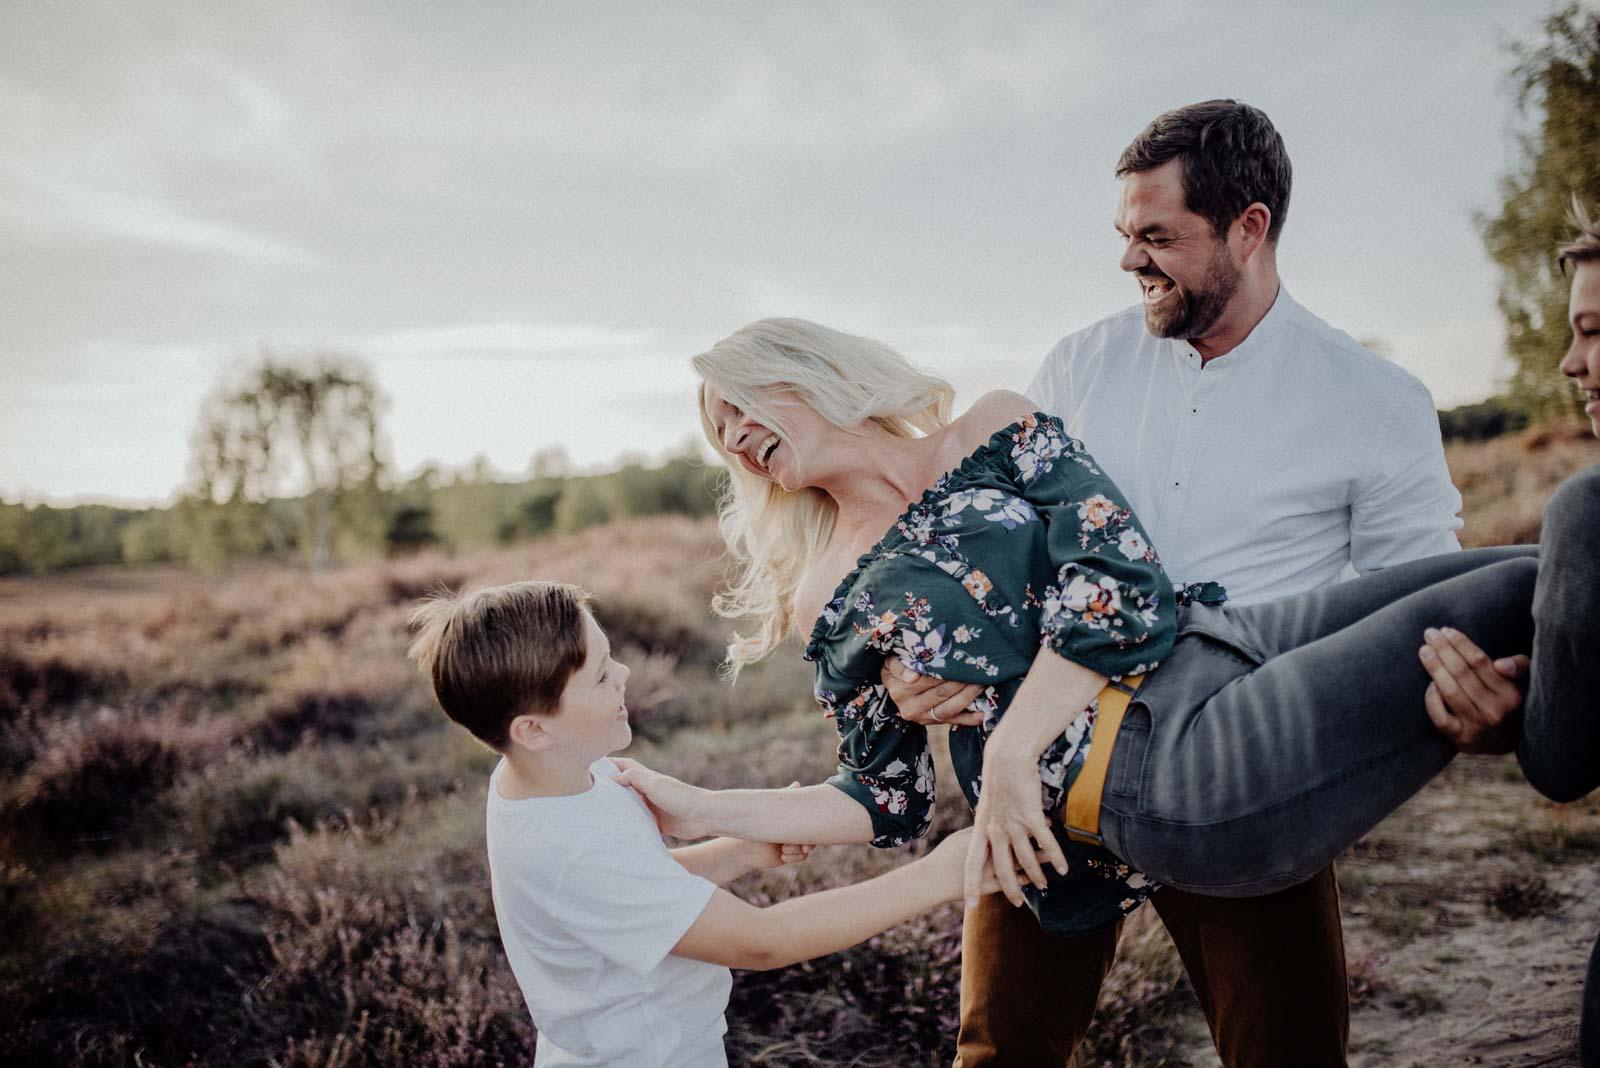 029-Familienfotos-Familienreportage-Heideshooting-natürlich-Heide